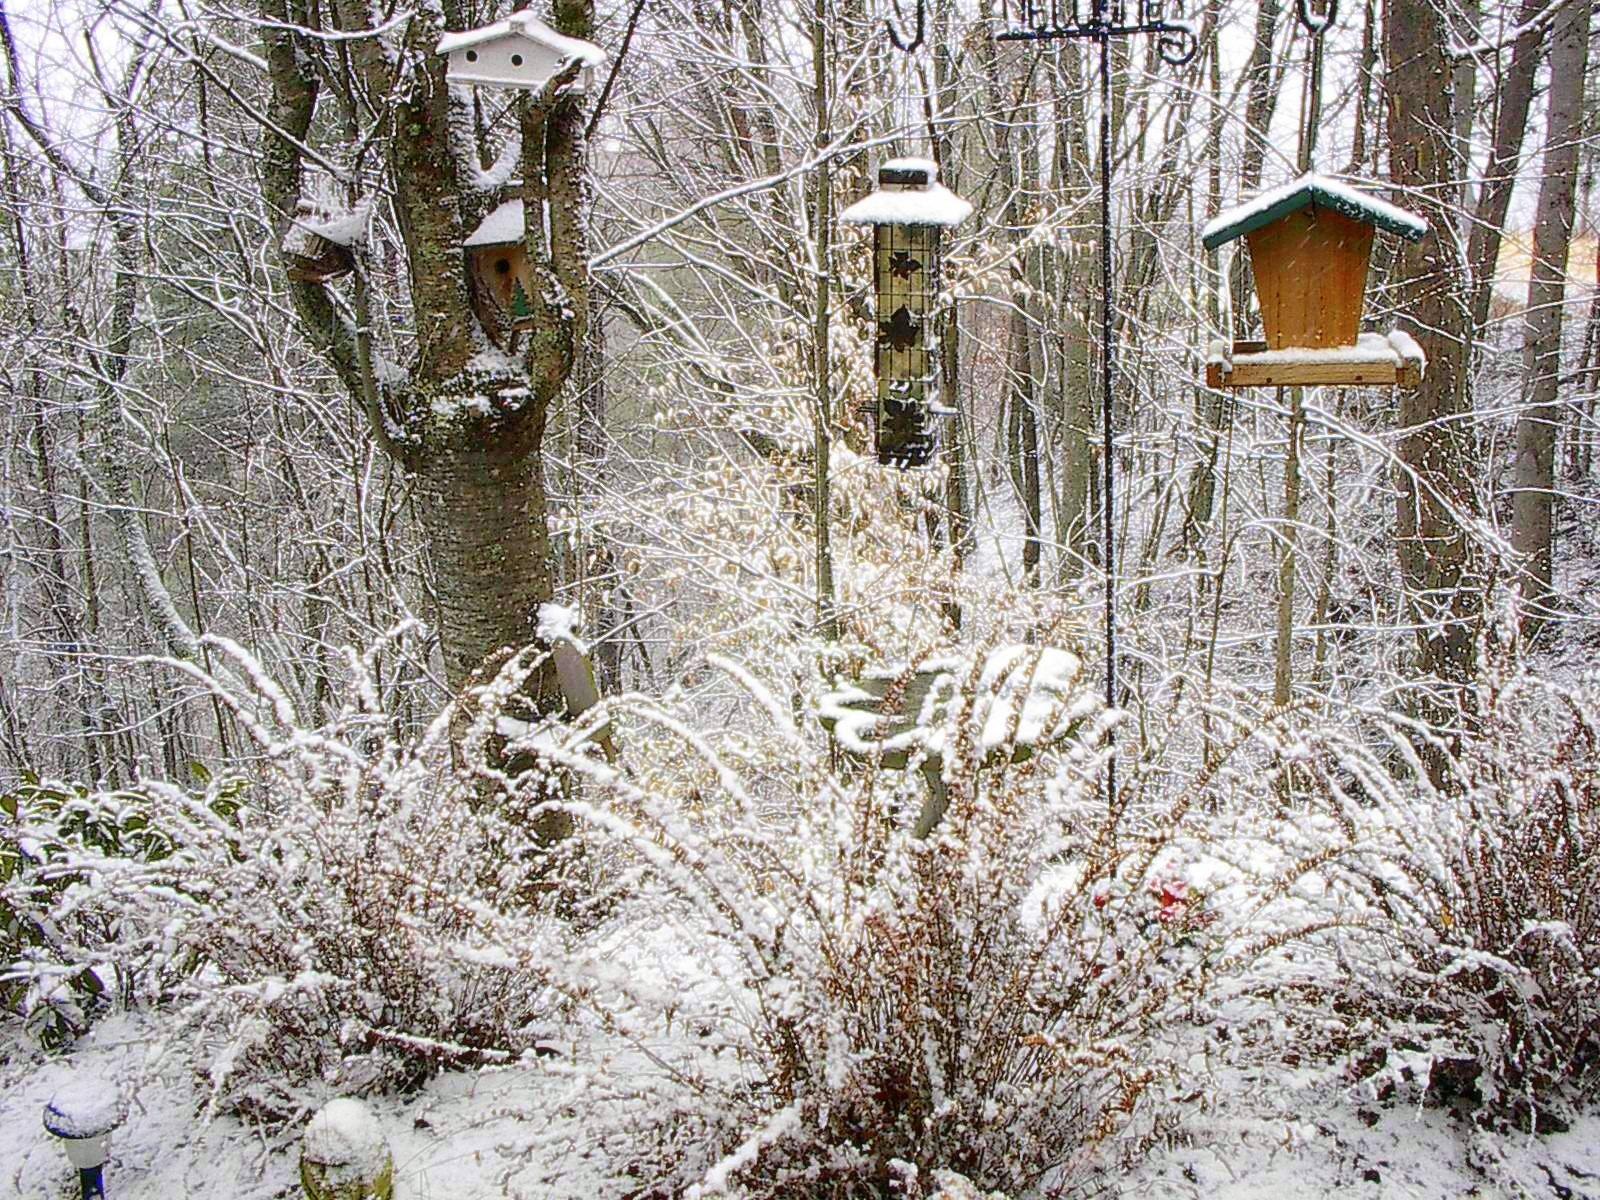 snow on bird houses